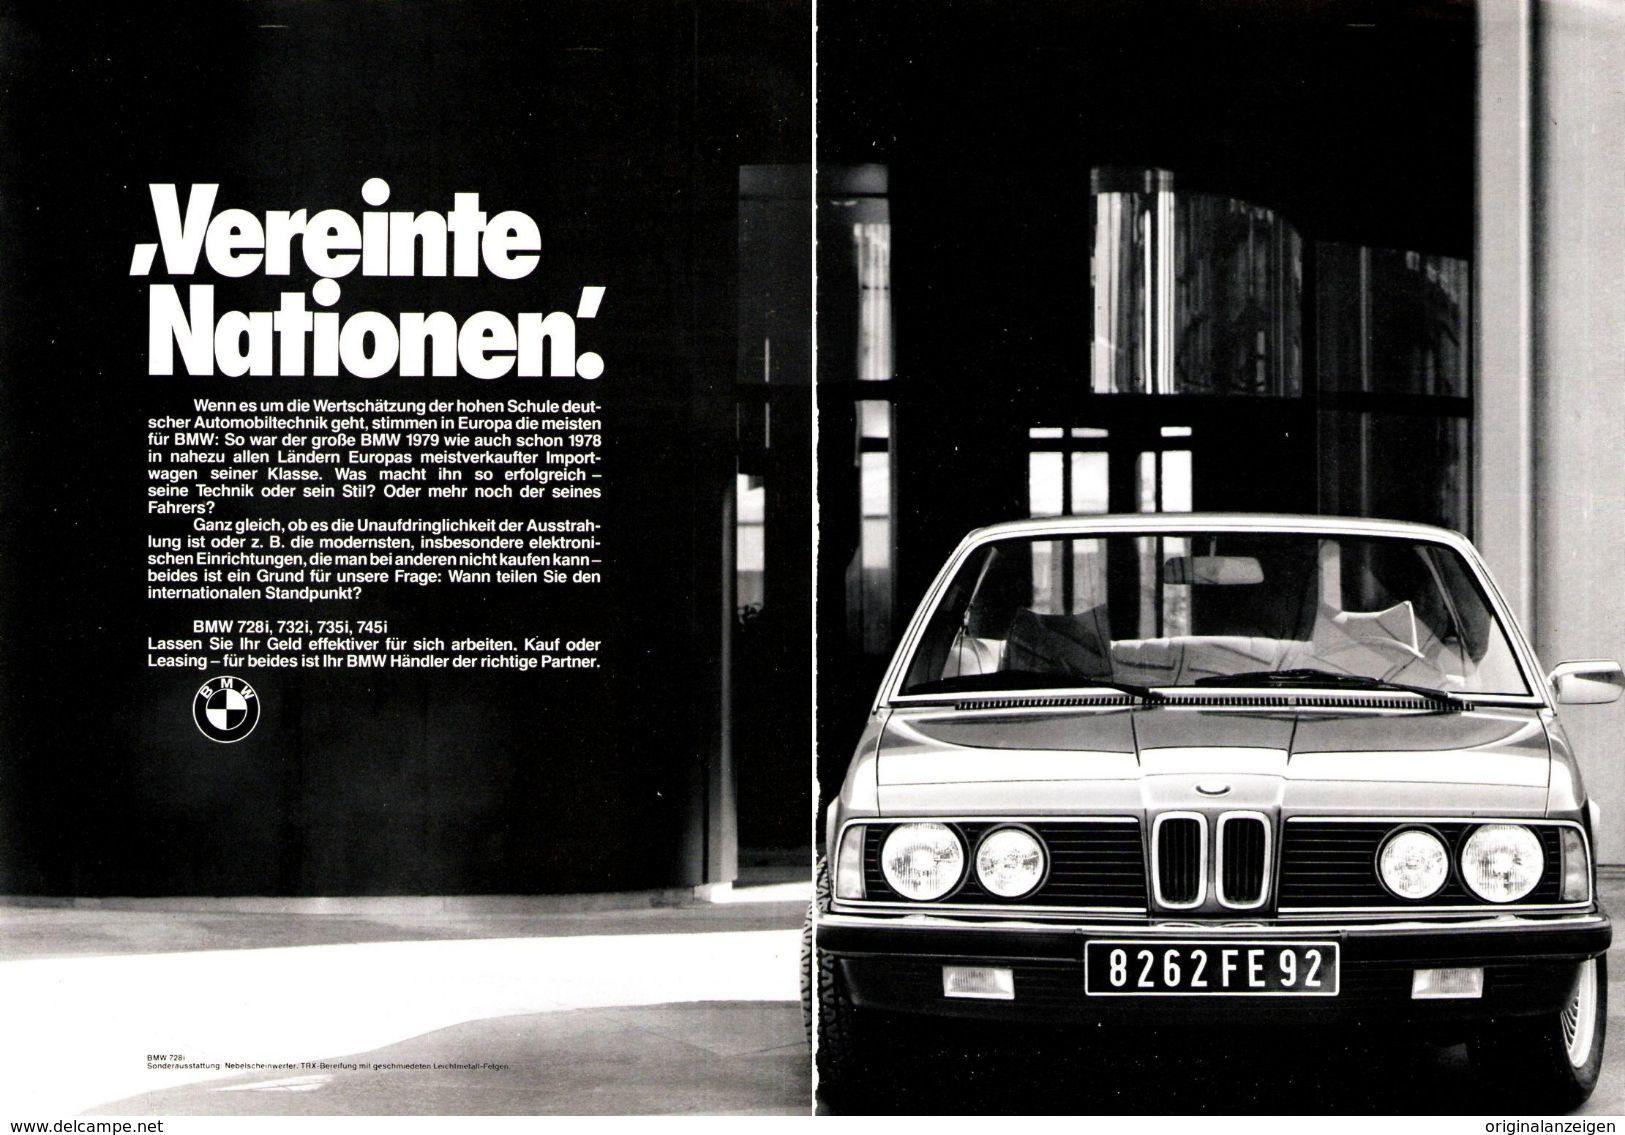 Original Werbung Anzeige 1980 Doppelseite Nicht ZusammenhÄngend 7er Bmw Ca 360 X 240 Mm Werbung